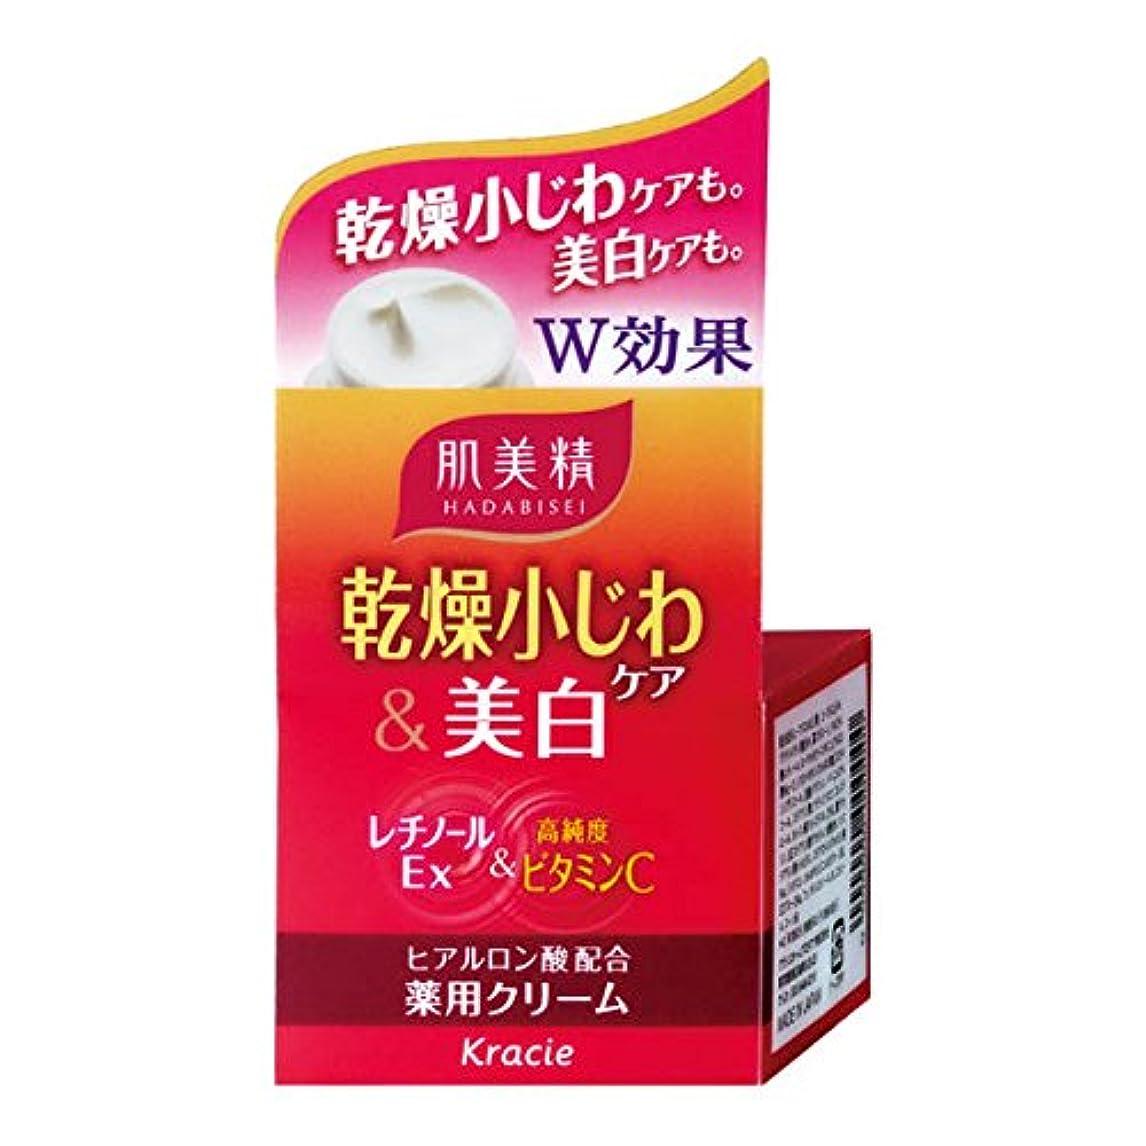 構想するアソシエイト故国肌美精 乾燥小じわケア&美白 薬用クリーム 50g 【医薬部外品】